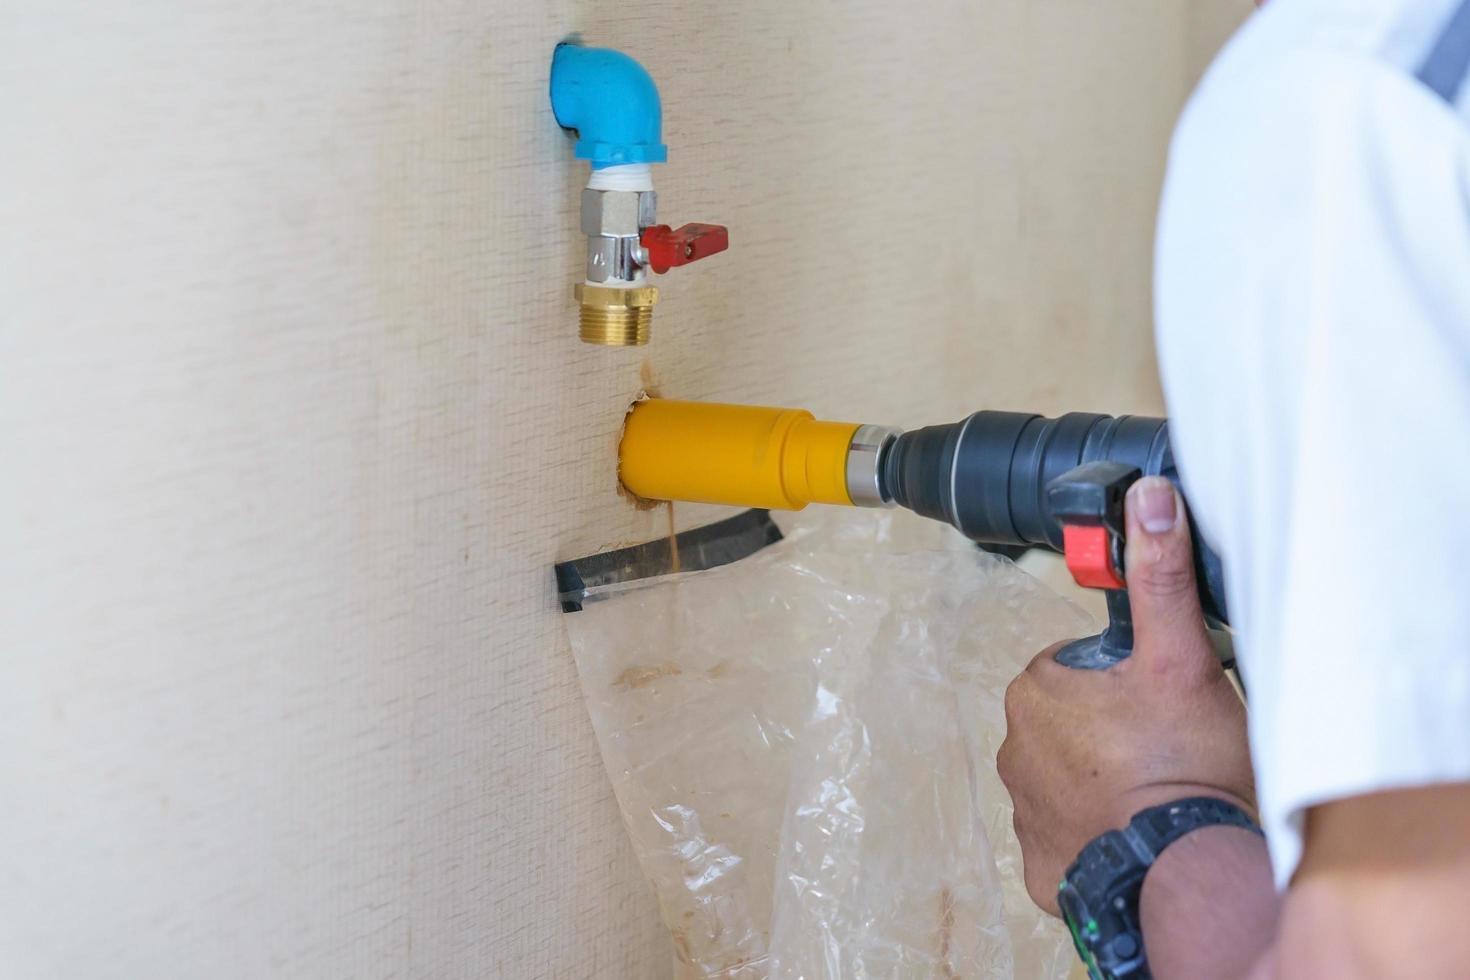 Arbeiter mit einem Bohrwerkzeug auf der Baustelle foto